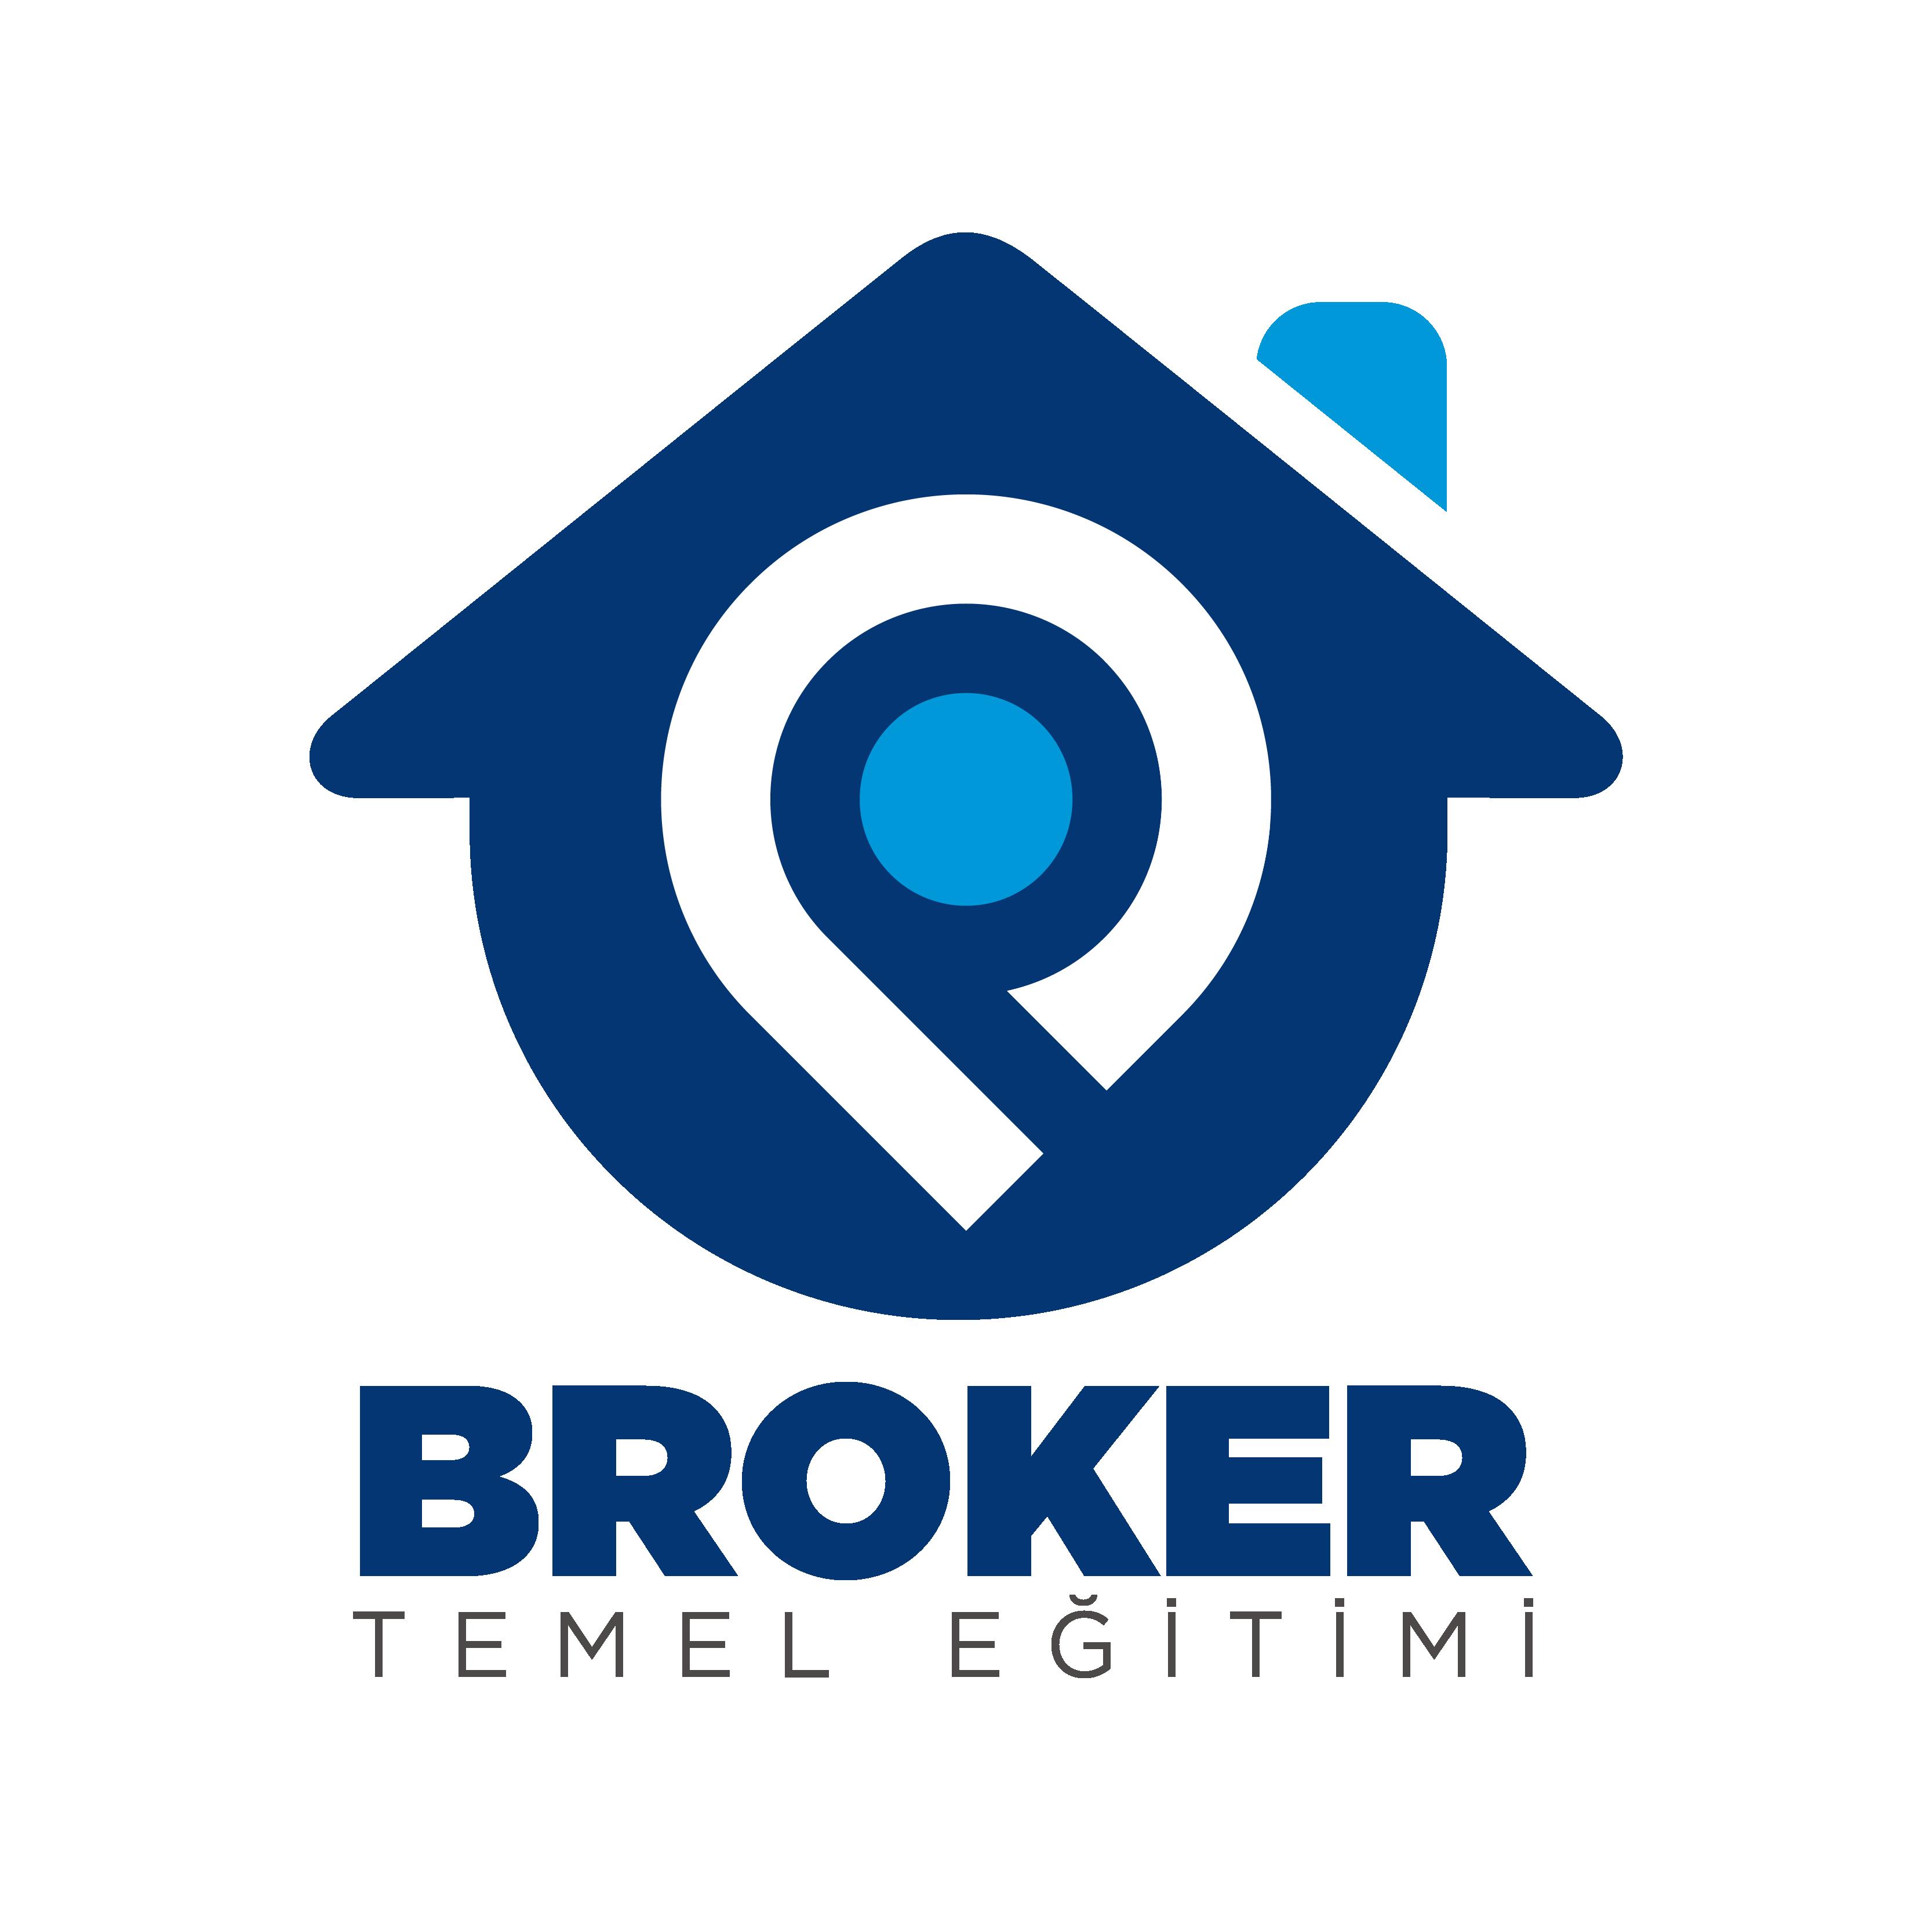 Broker Temel Eğitimi - Yasemin Yurtan